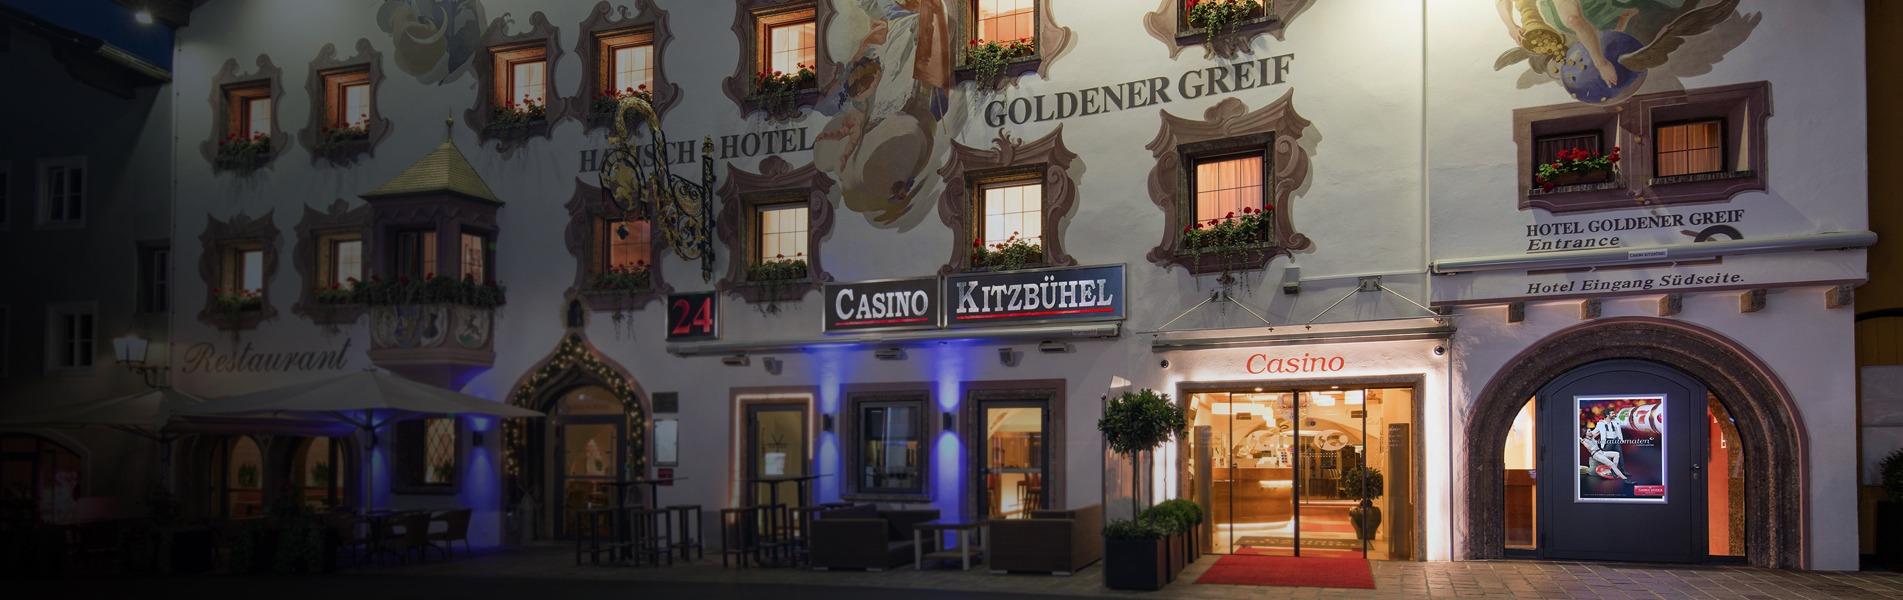 Casino Kitzbuhel 1